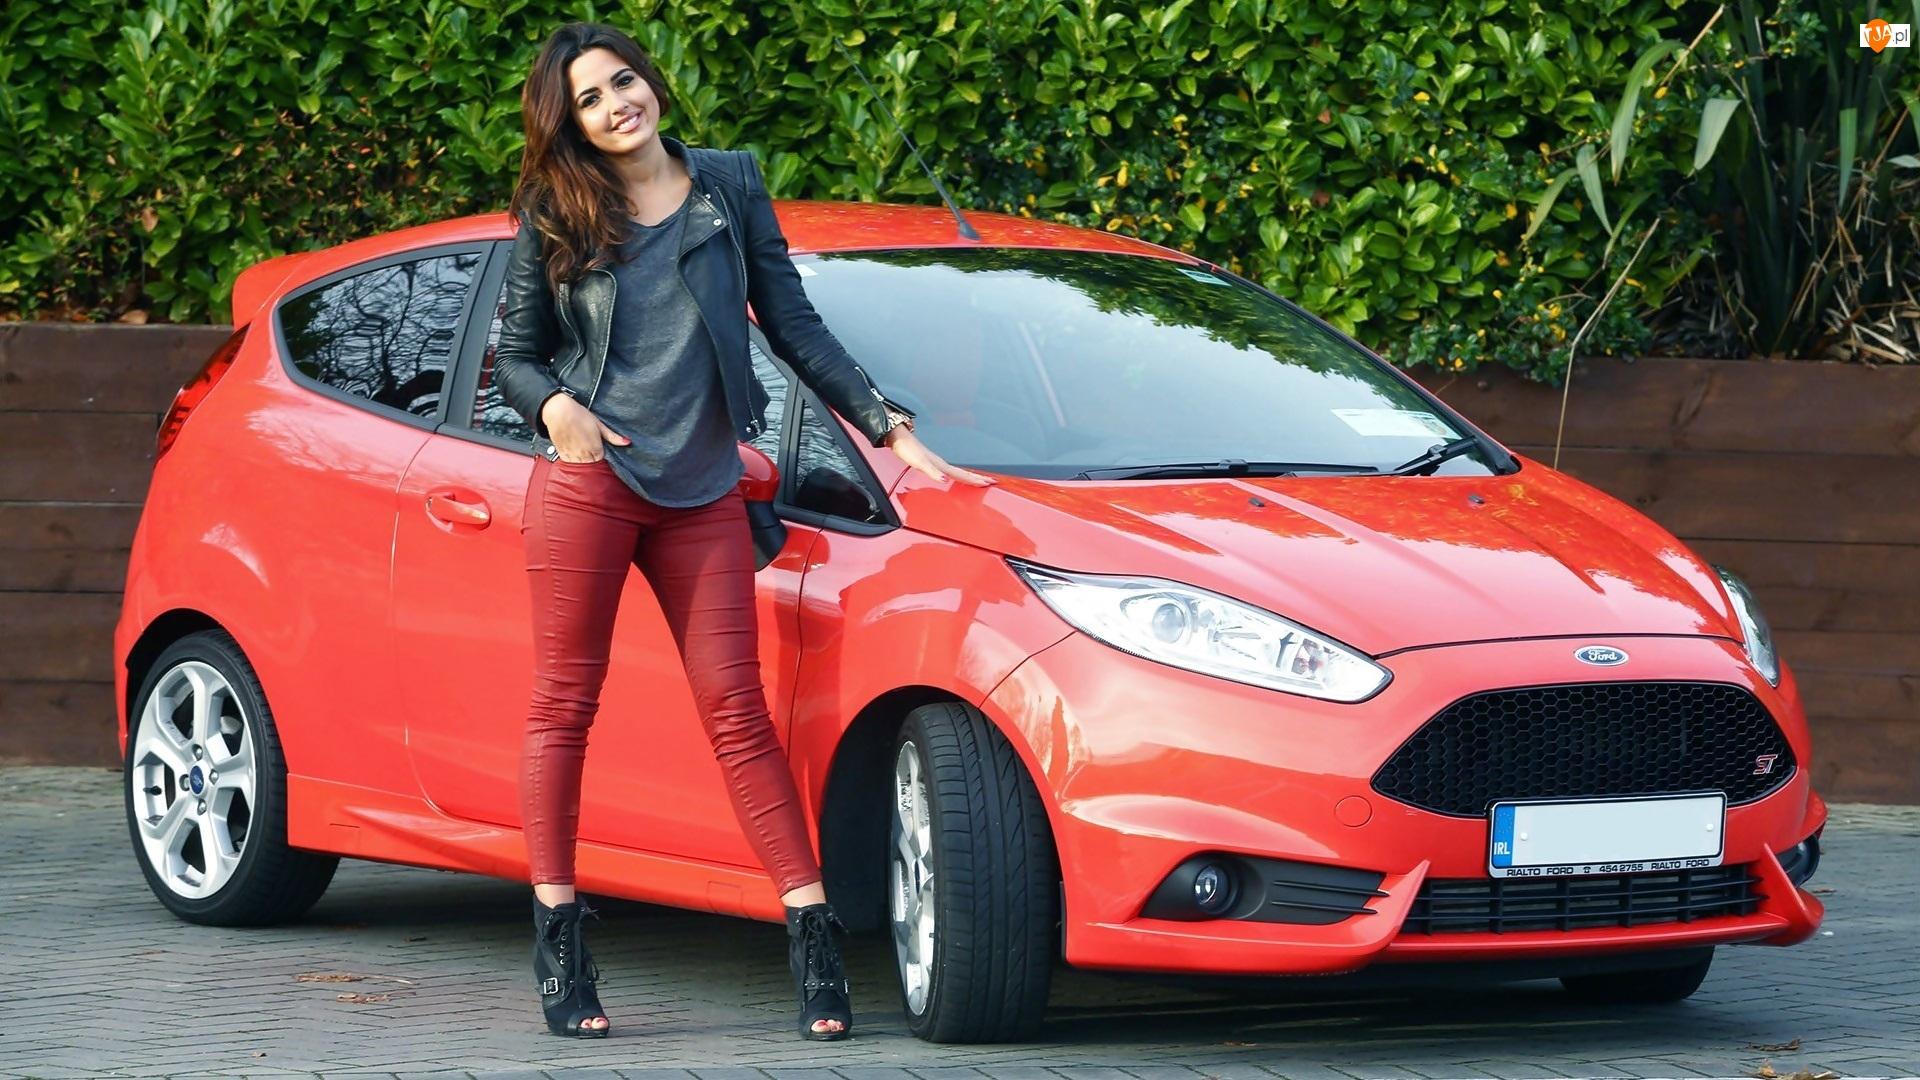 2013, Nadia Forde, Ford Fiesta ST, Czerwony, Kobieta